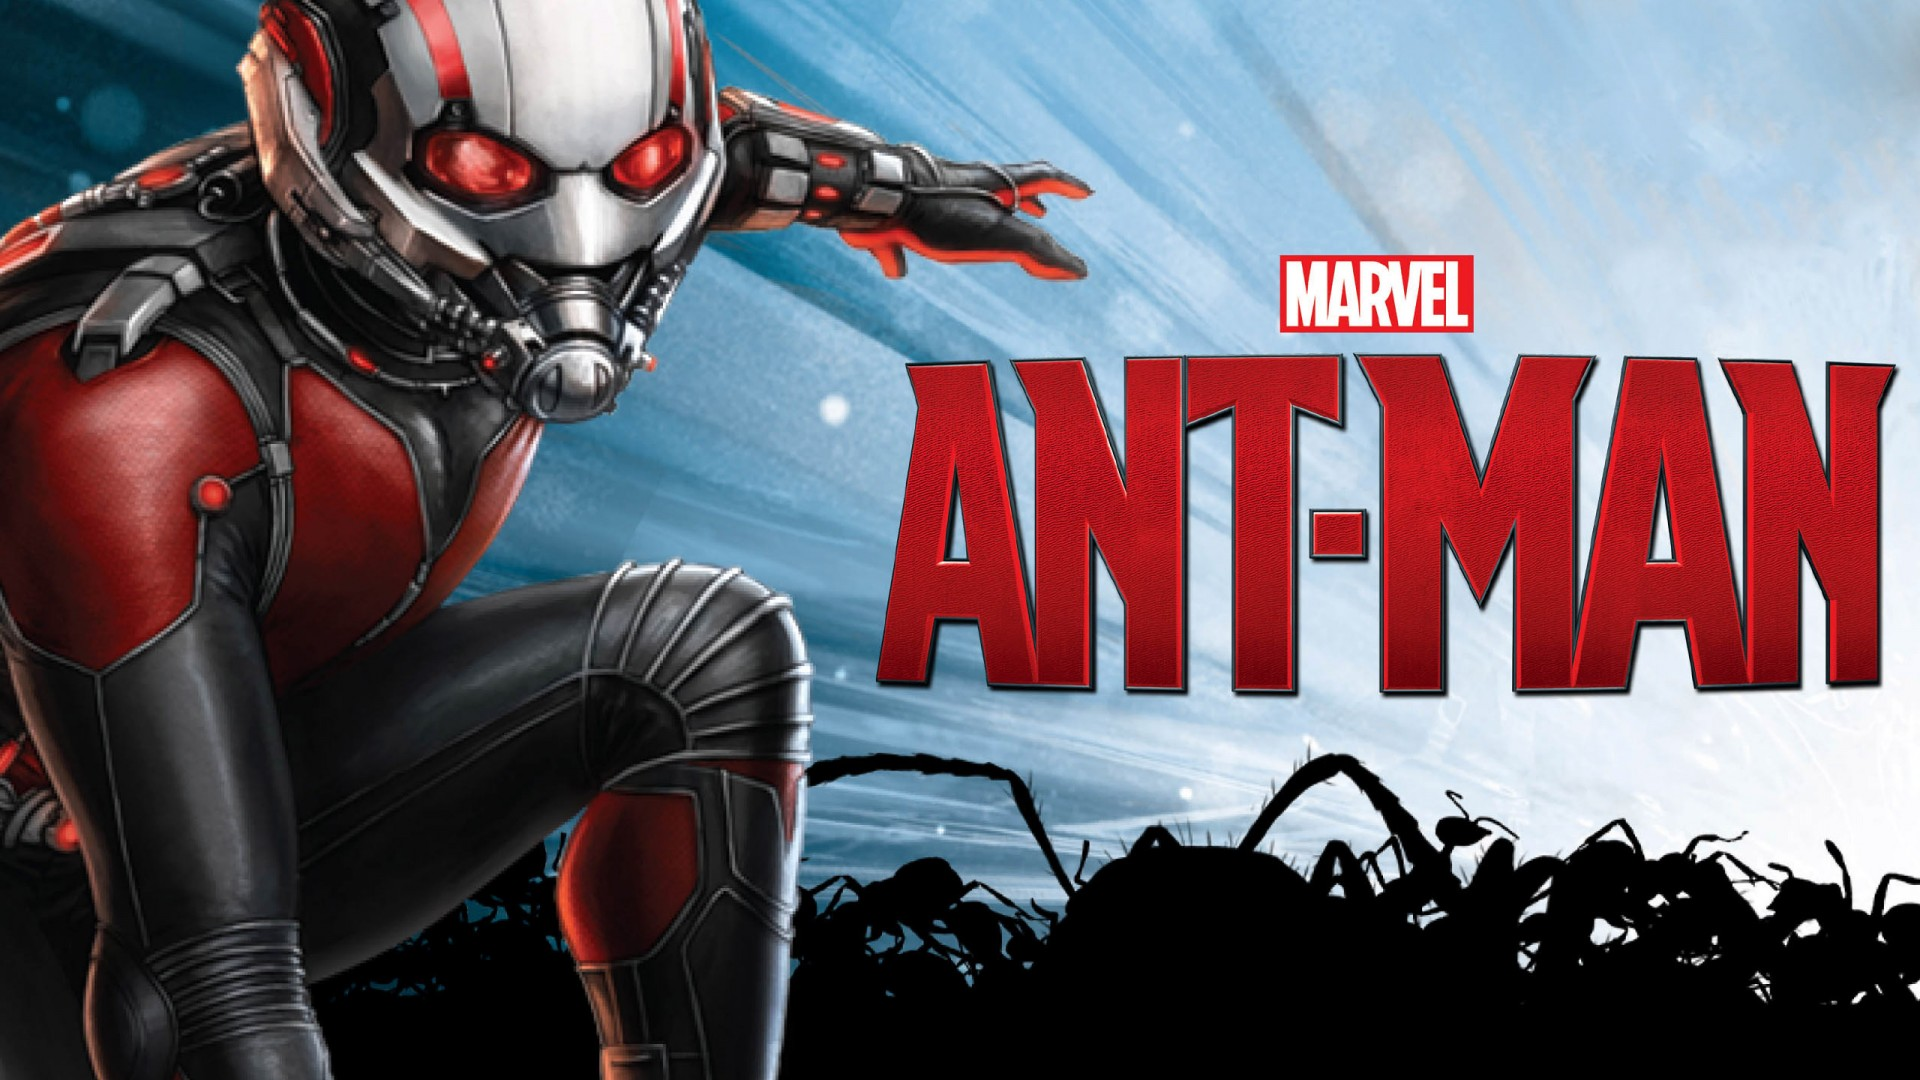 Marvel Ant Man Banner Poster